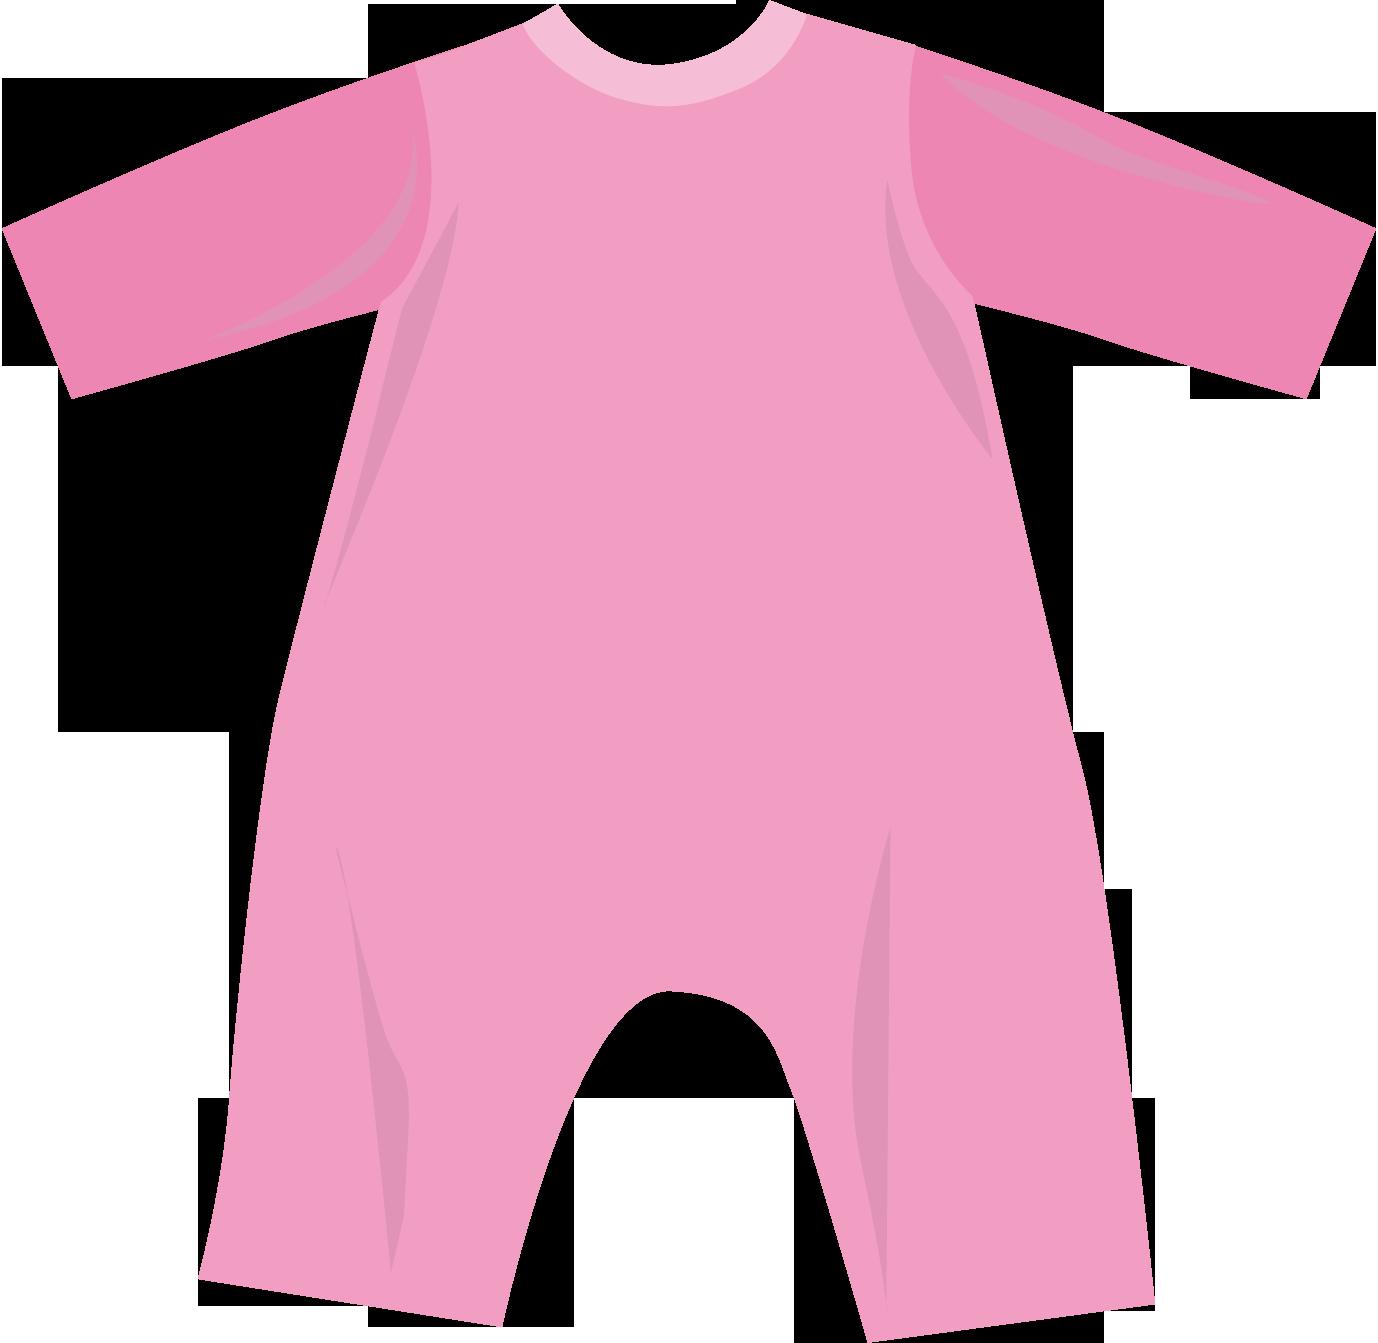 子供服、ベビー服のイラスト・フリー素材|ダウンロード04【素材っち】